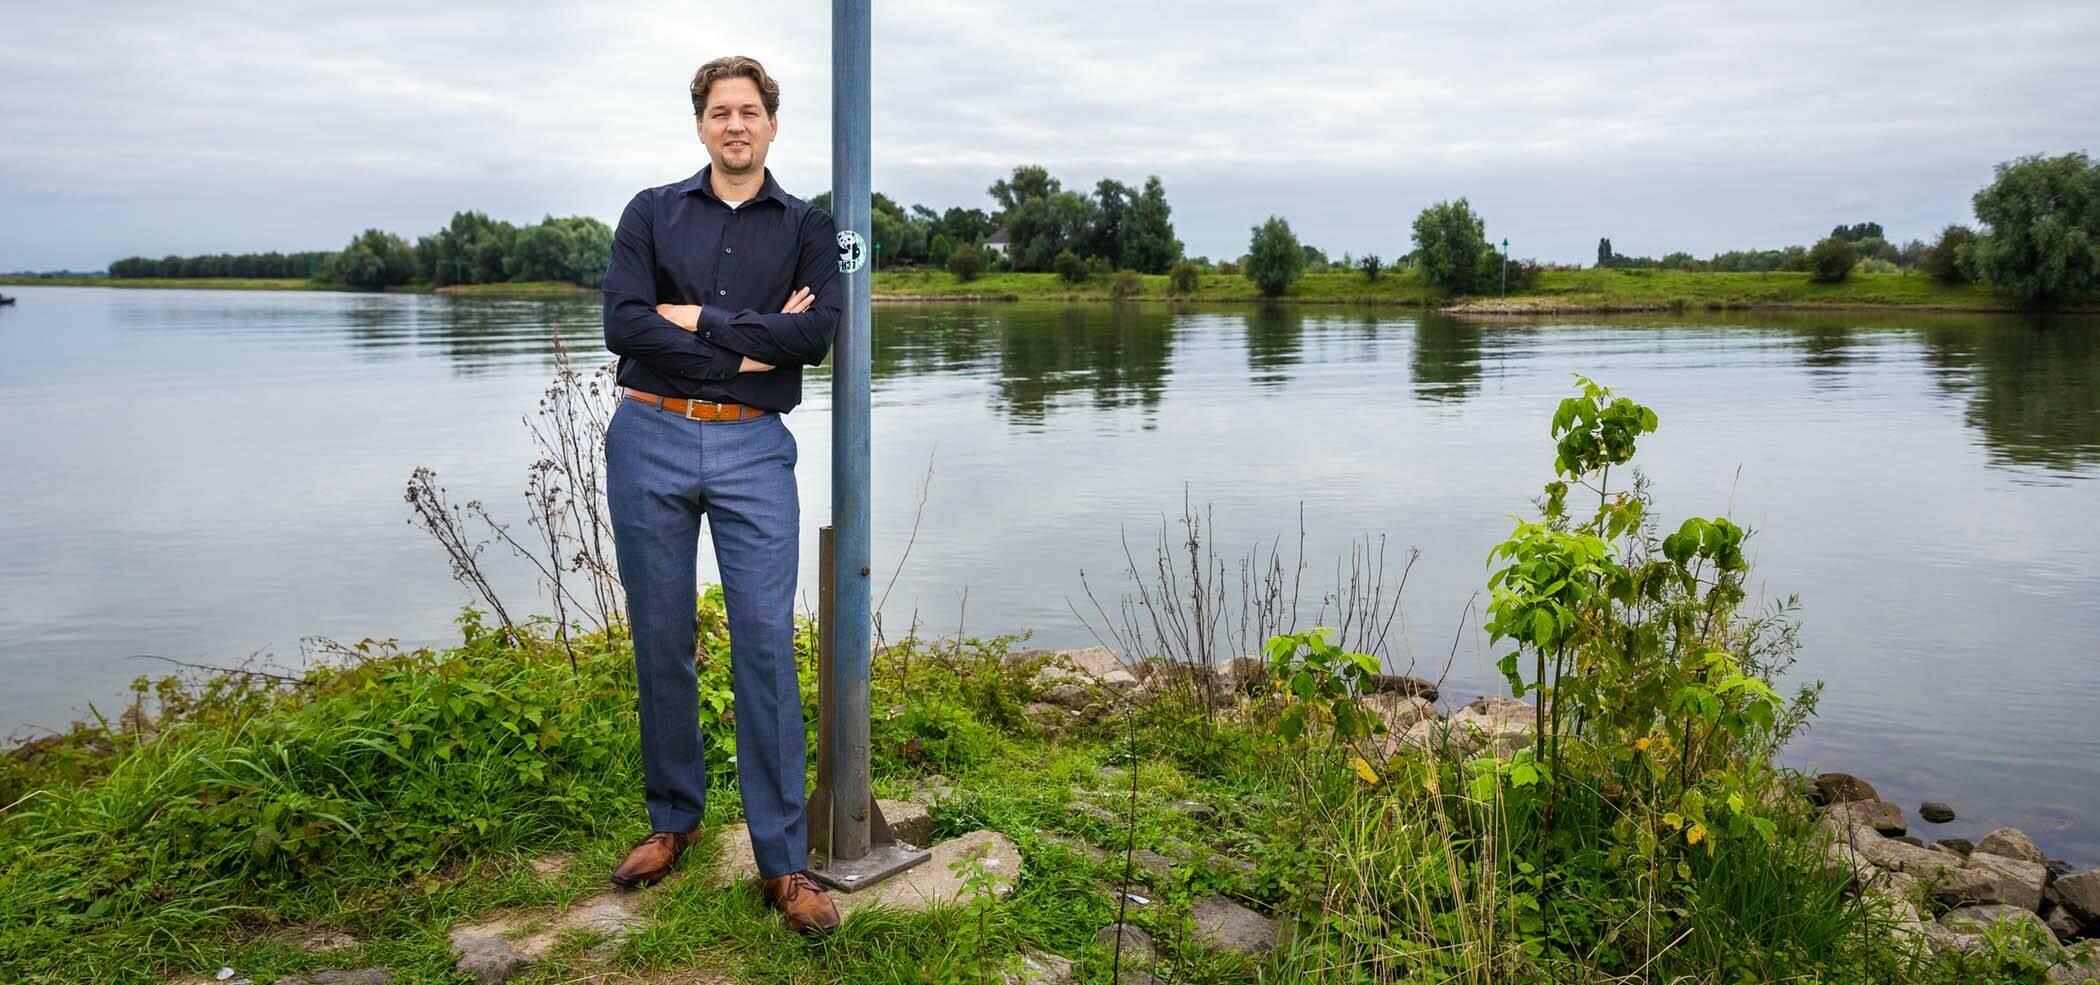 Foto van Martijn van Staveren leunend tegen een paal voor een meertje.